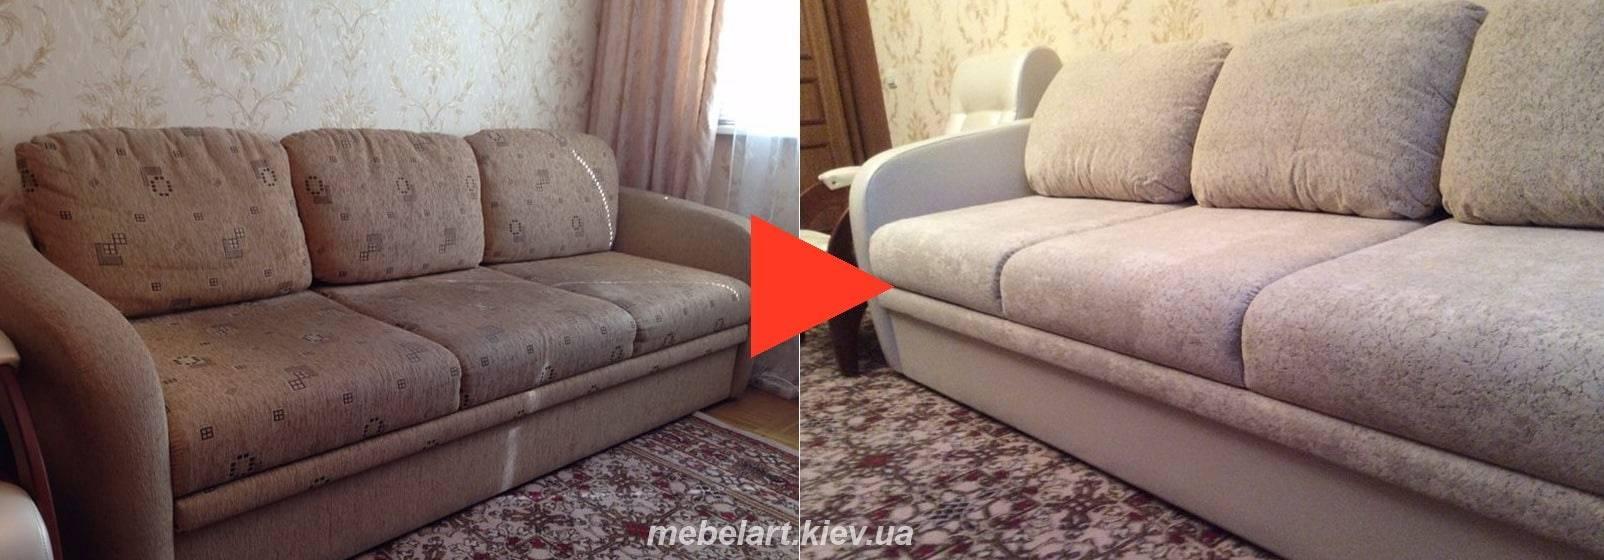 Ремонт кожаных диванов своими руками: 15 лучших способов, как убрать царапины